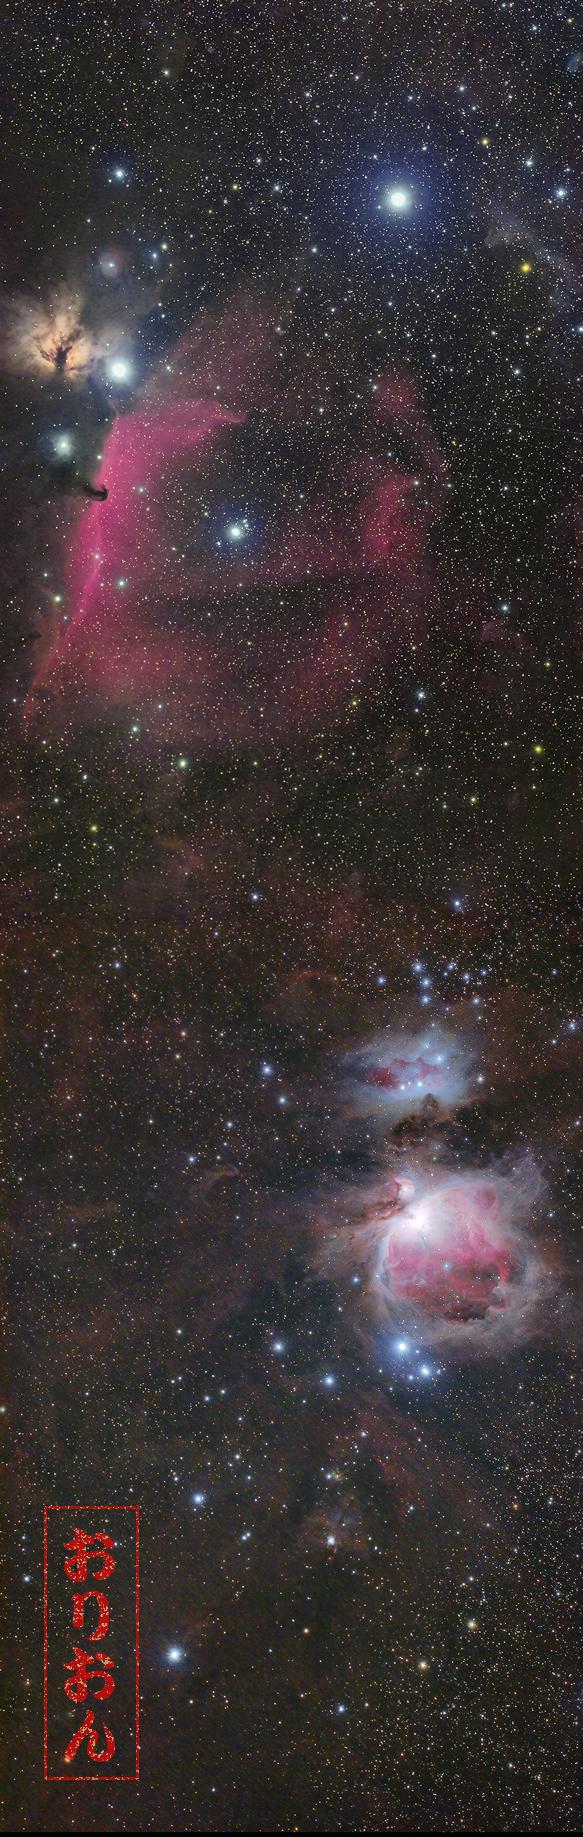 馬頭星雲オリオン星雲